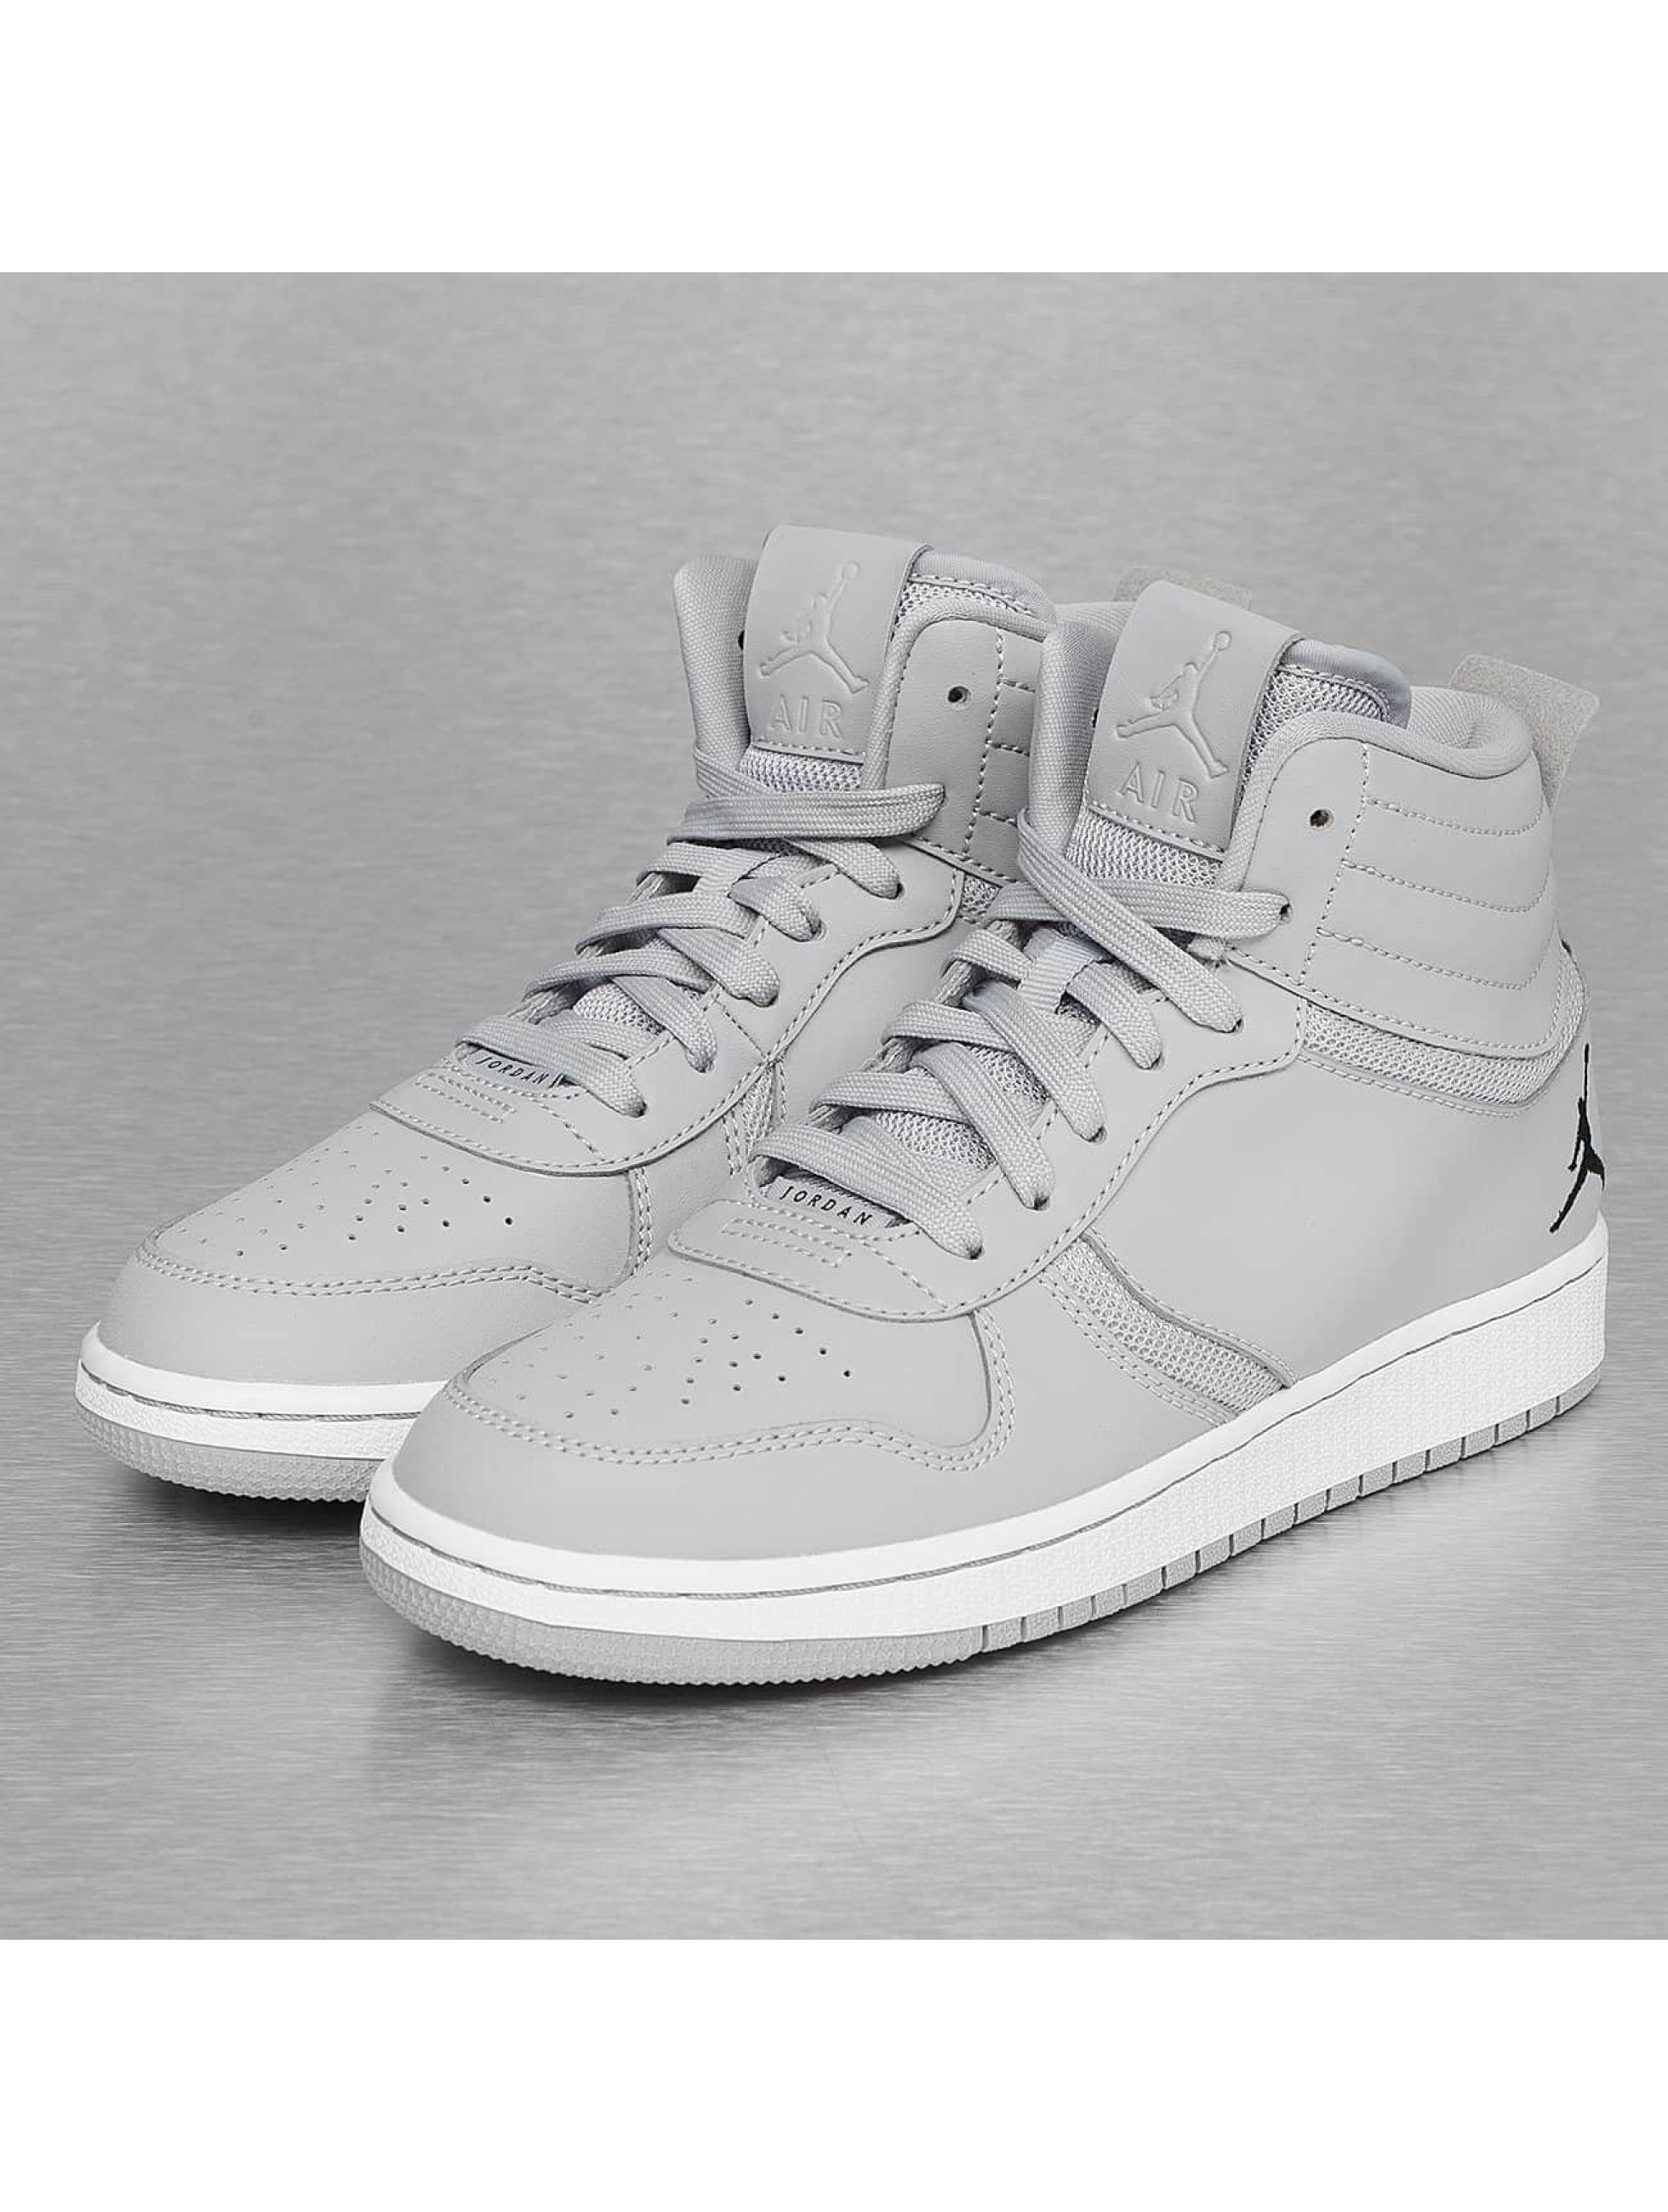 Jordan Schuhe Damen Grau